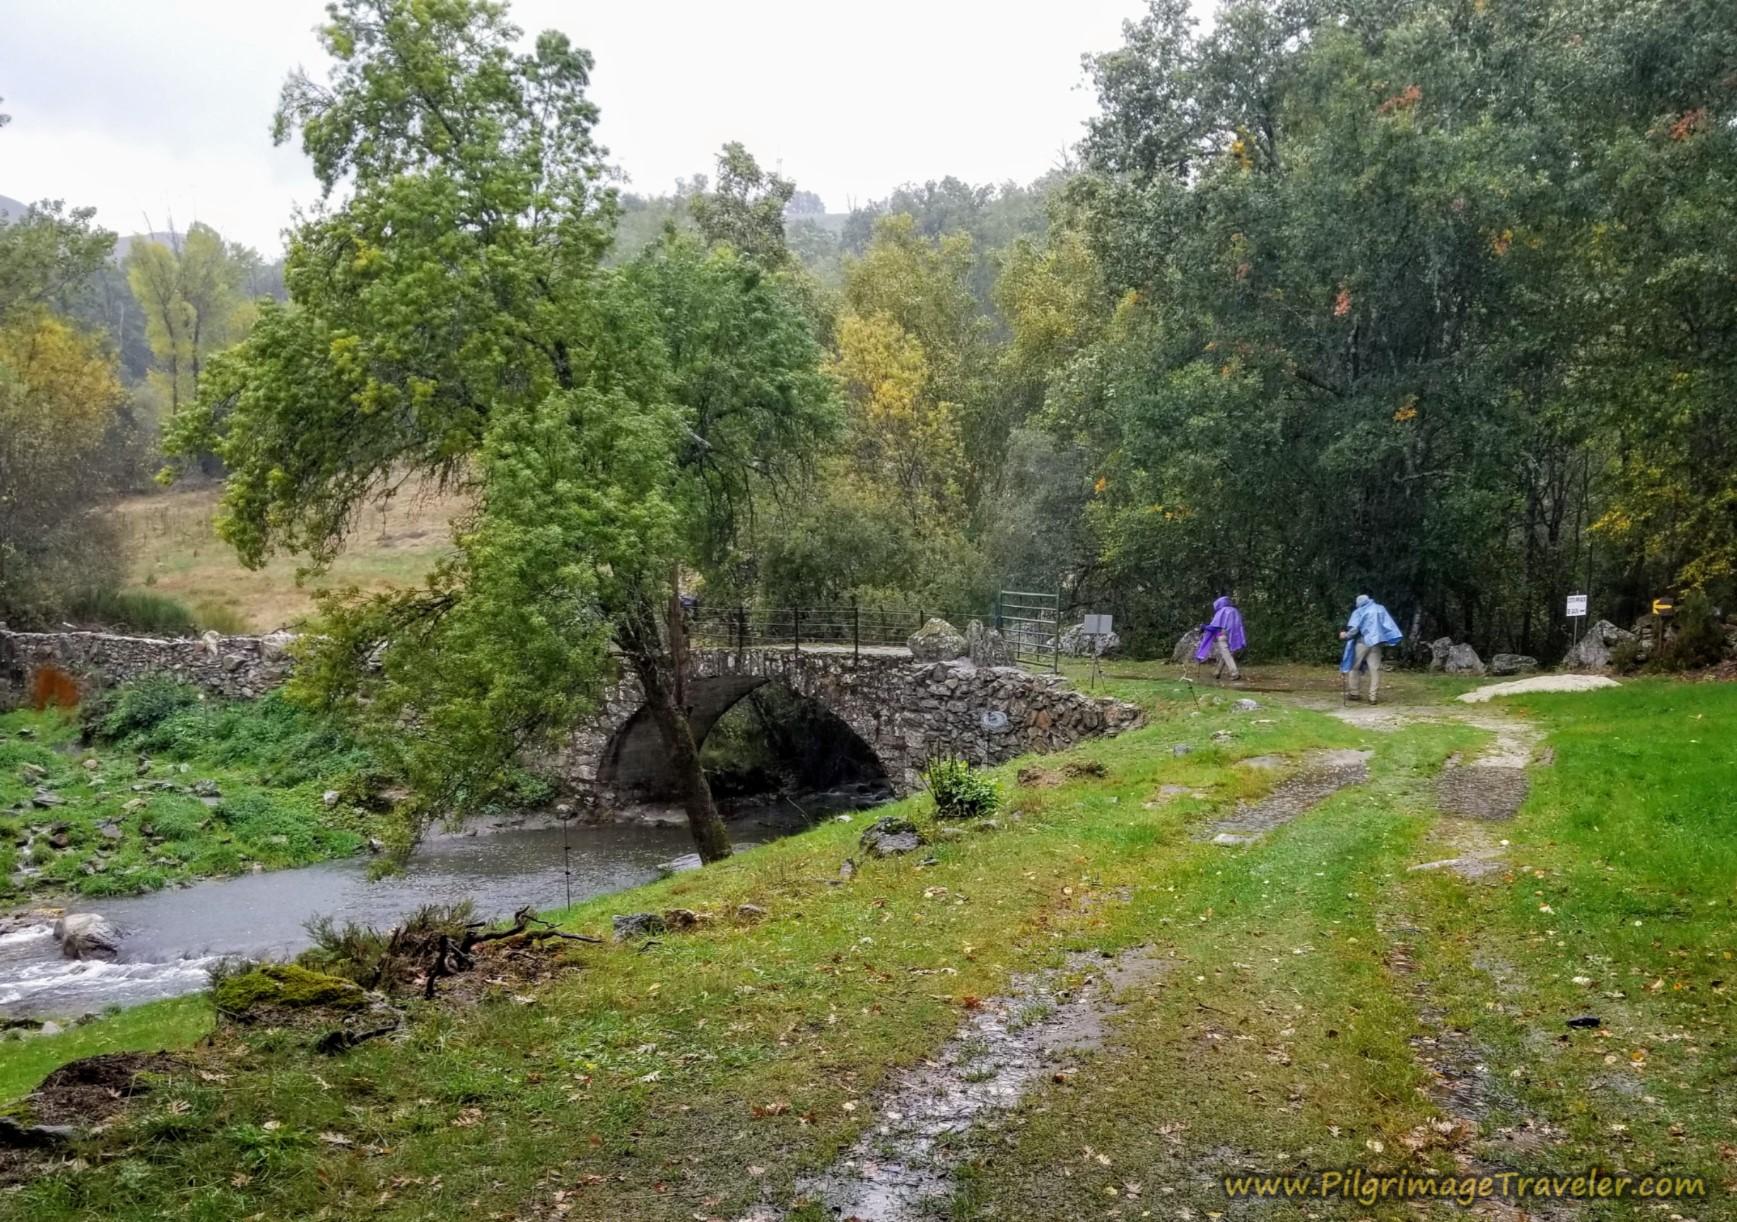 Cross Medieval Bridge on the Camino Sanabrés from Puebla de Sanabria to Lubián